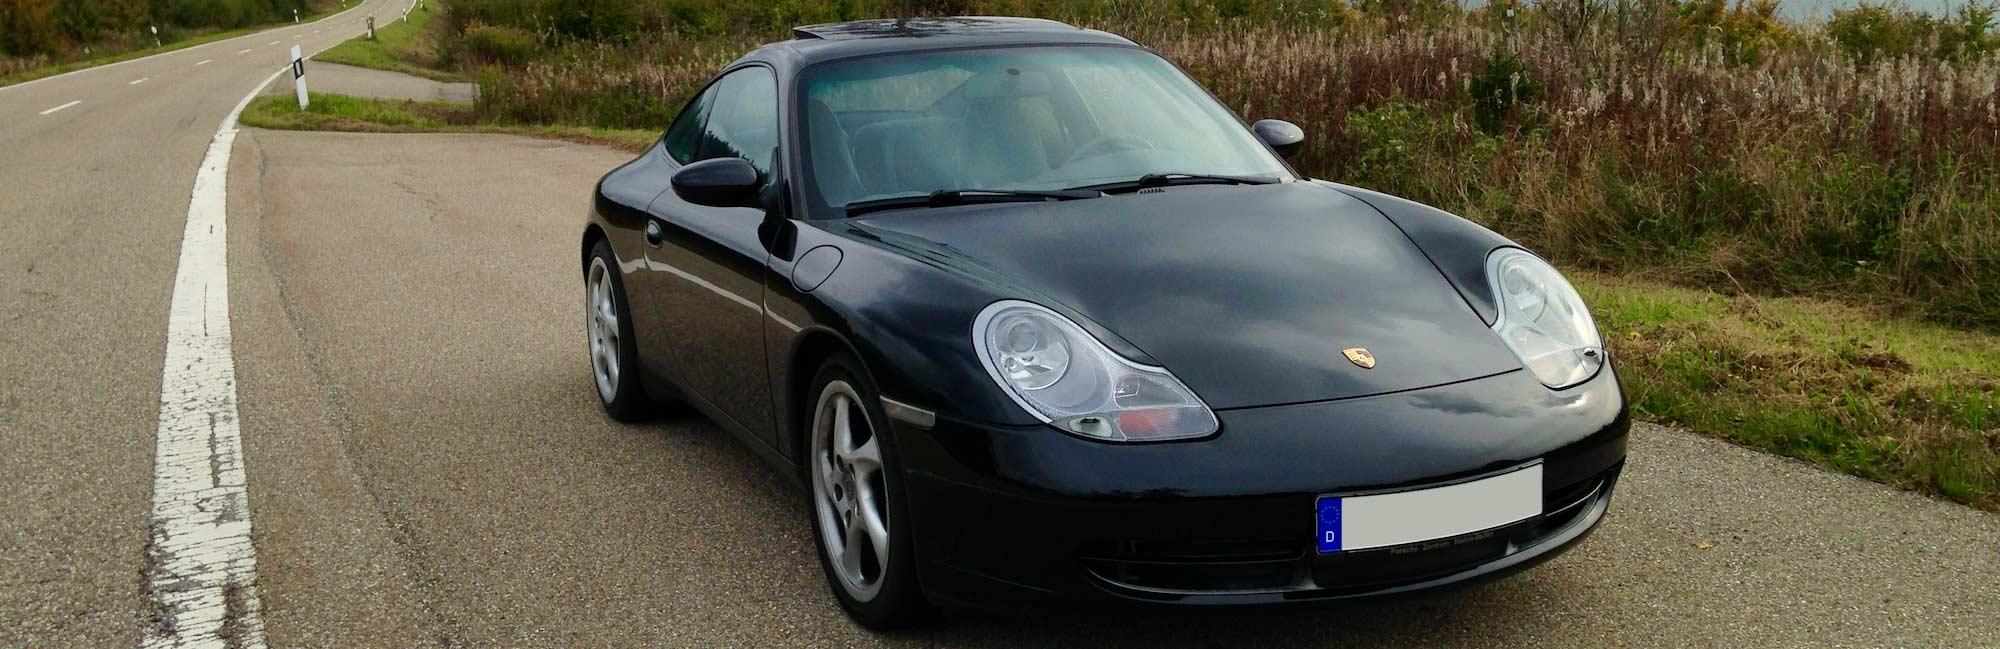 Porsche 996 vorFacelift